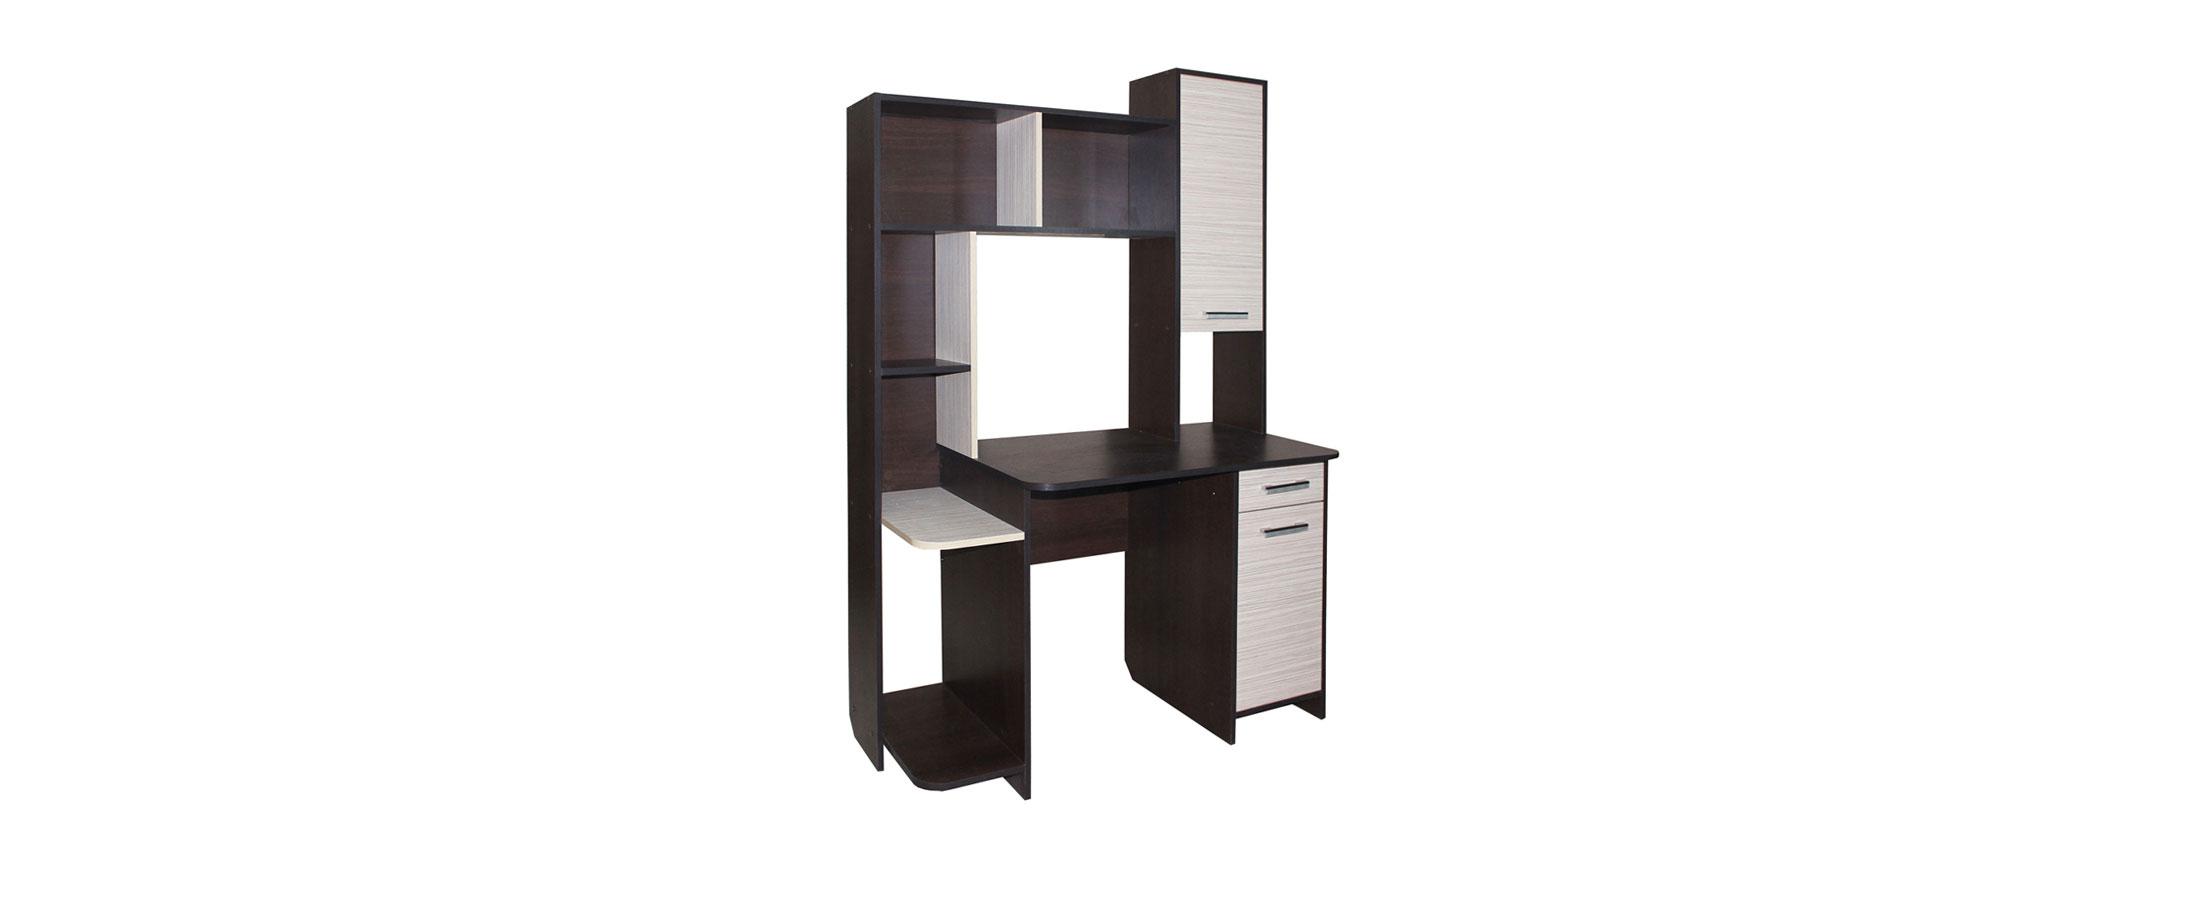 Стол компьютерный Престиж-11 Модель 506 от MOON TRADE